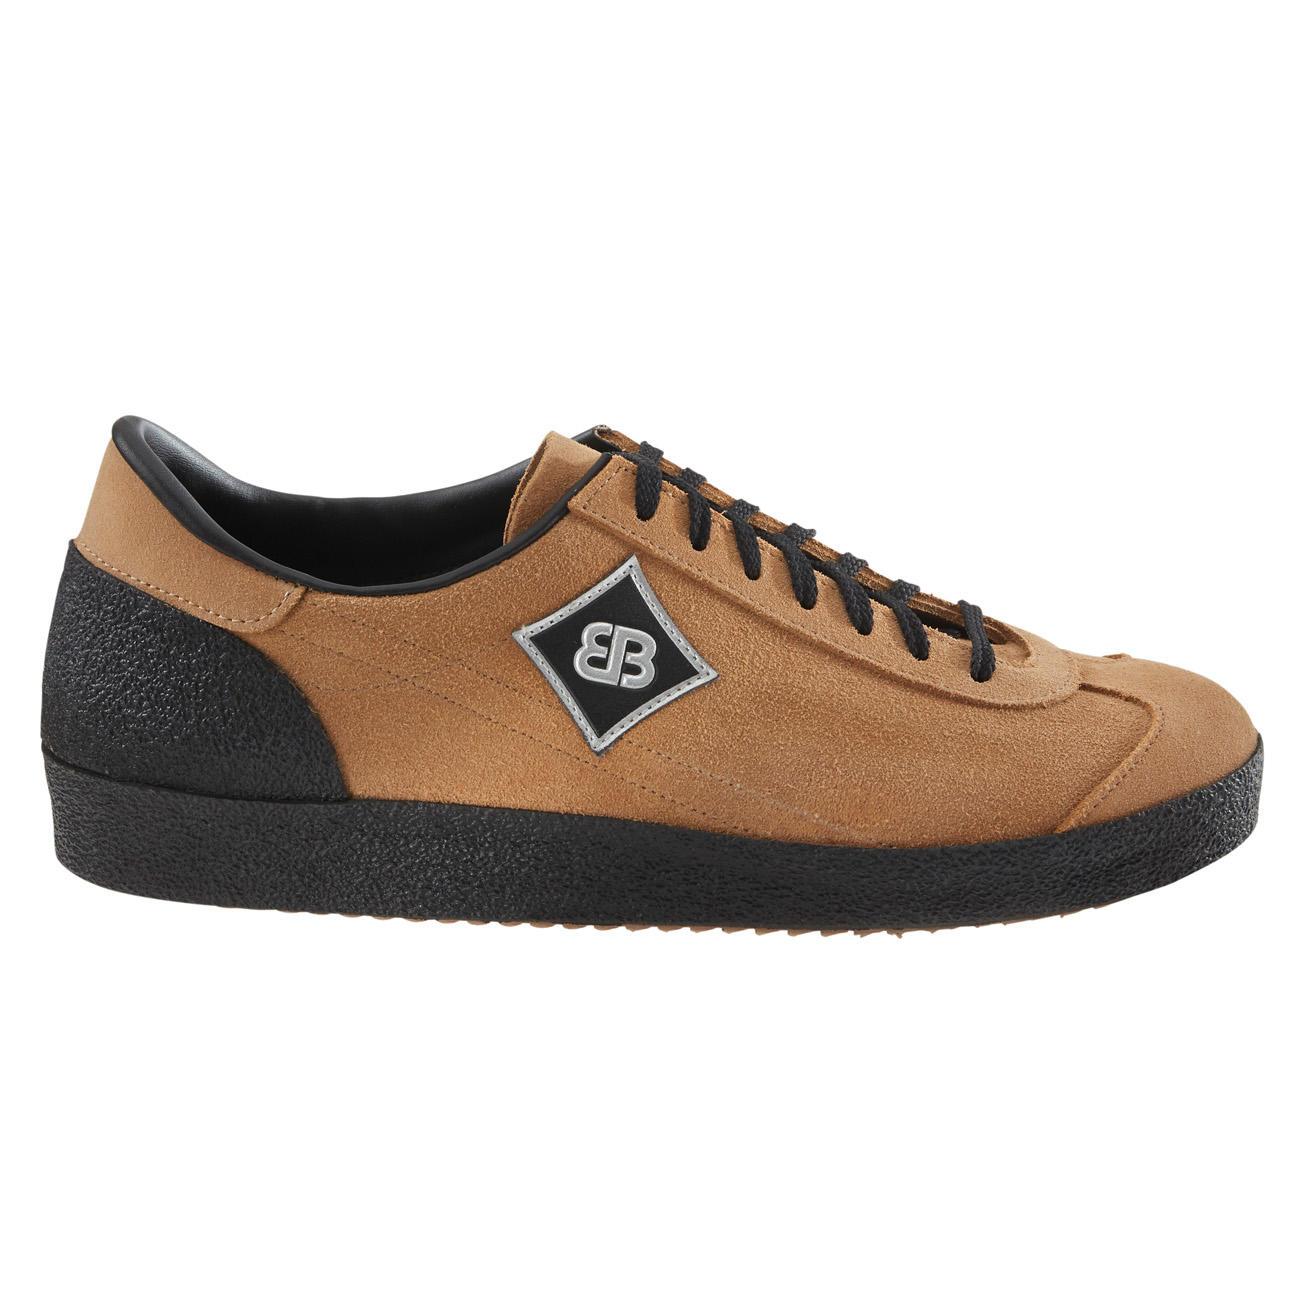 """watch ada5a 7a376 Brütting Sneaker """"Astroturfer""""   Klassiker entdecken"""